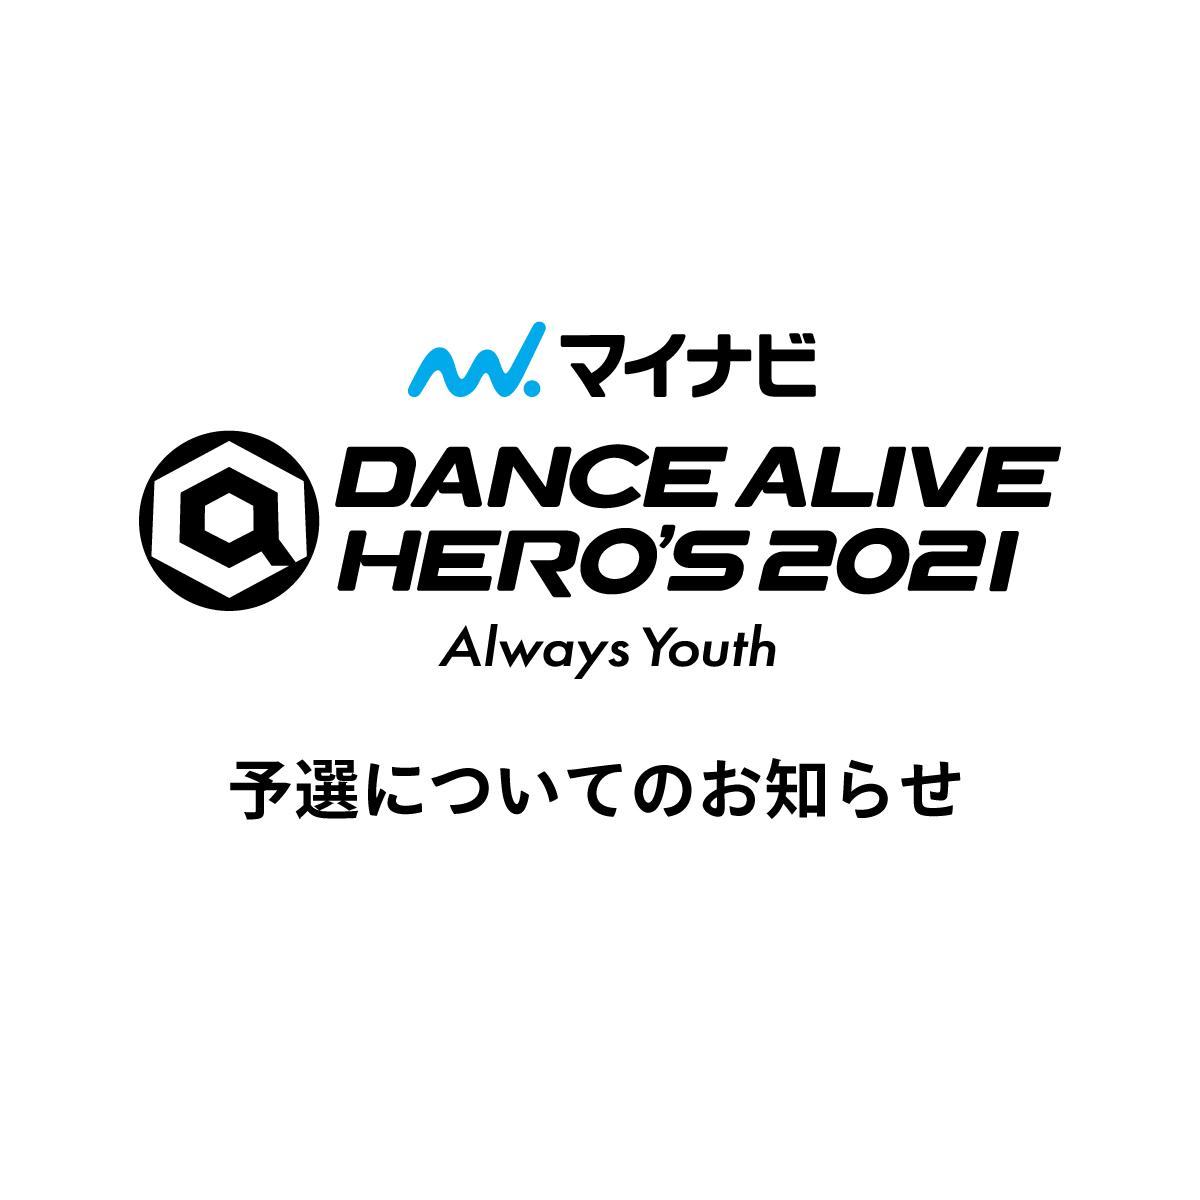 「マイナビDANCE ALIVE HERO'S 2021」予選についてのお知らせ